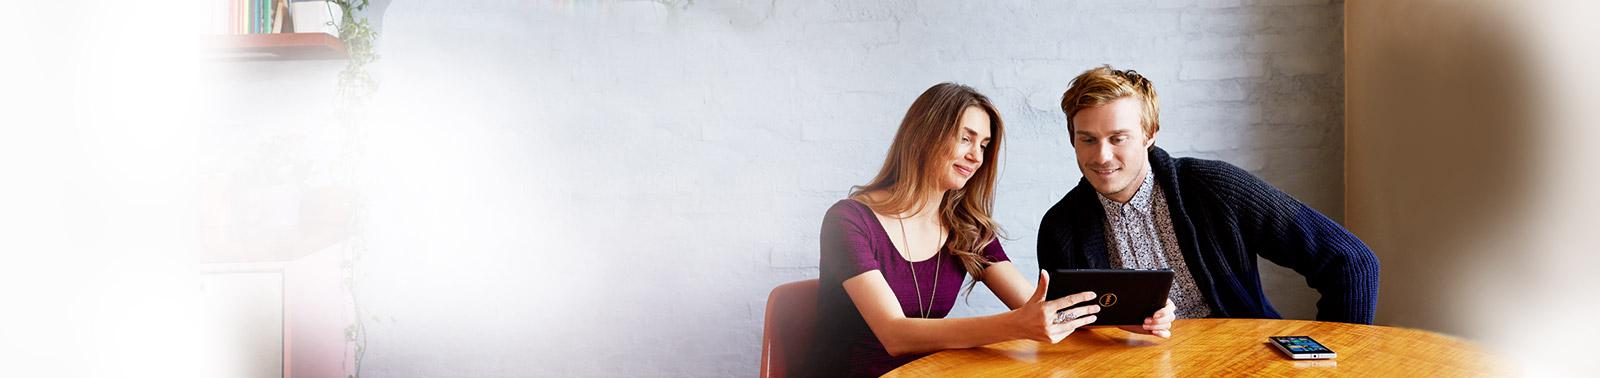 一位女士坐在桌前,將手上的平板電腦展示給她旁邊的男士看。